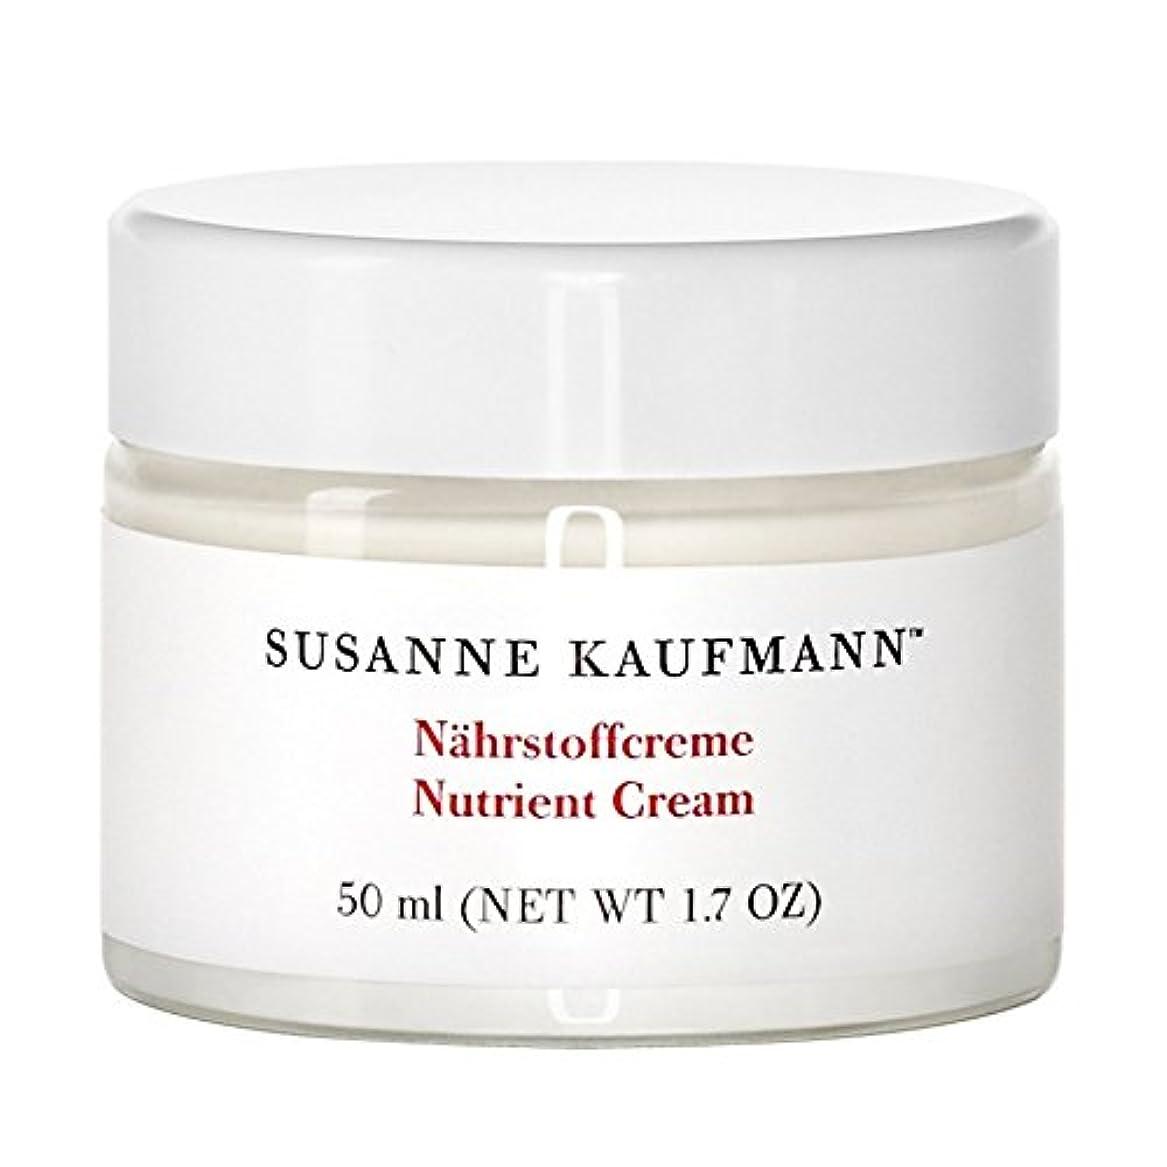 代理店角度マチュピチュスザンヌカウフマン栄養クリーム50 x2 - Susanne Kaufmann Nutrient Cream 50ml (Pack of 2) [並行輸入品]